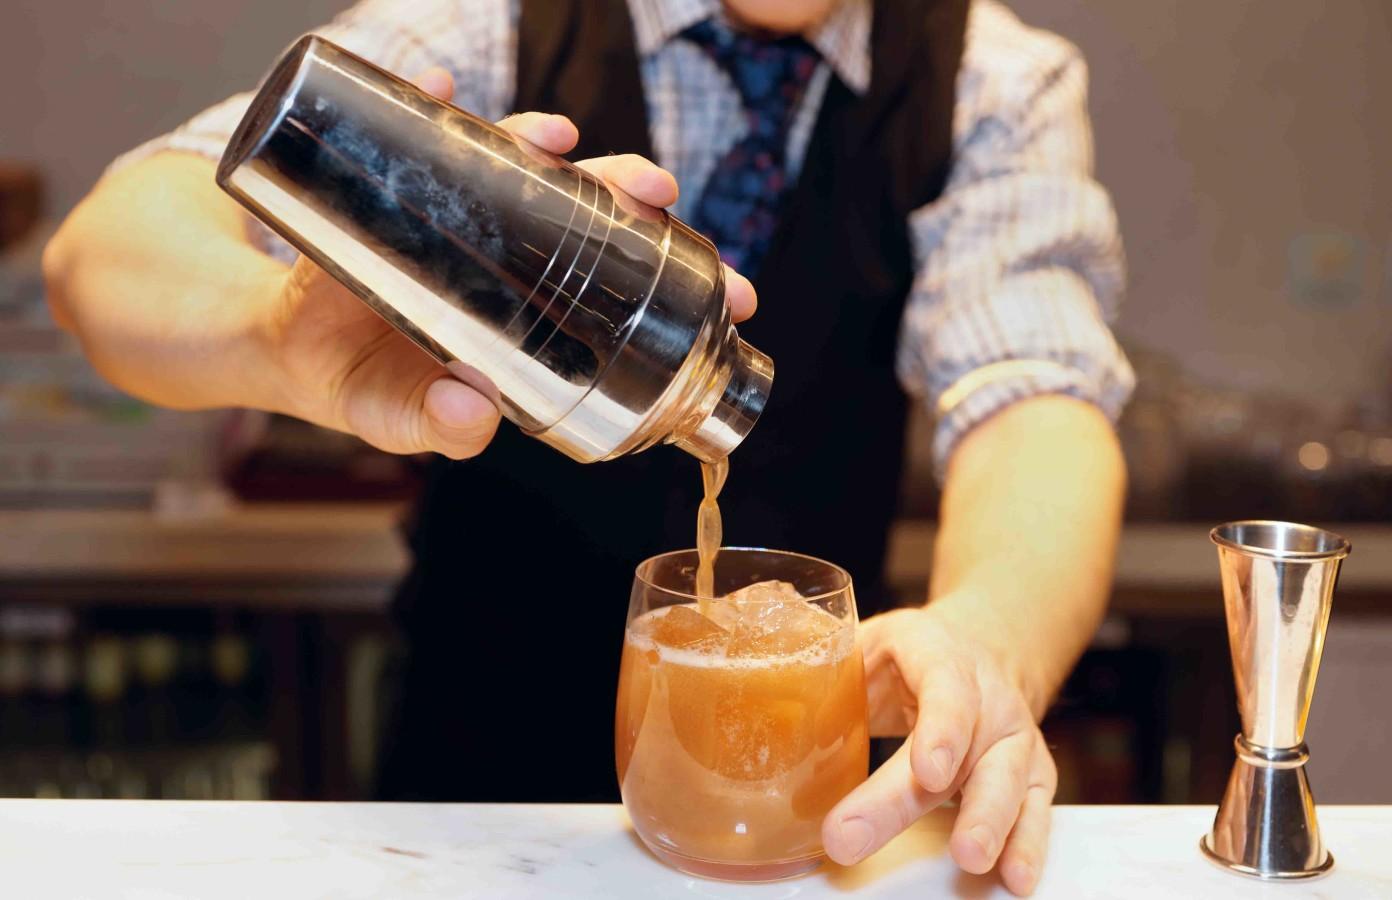 Keuntungan Membuat Sendiri Minuman Dirumah